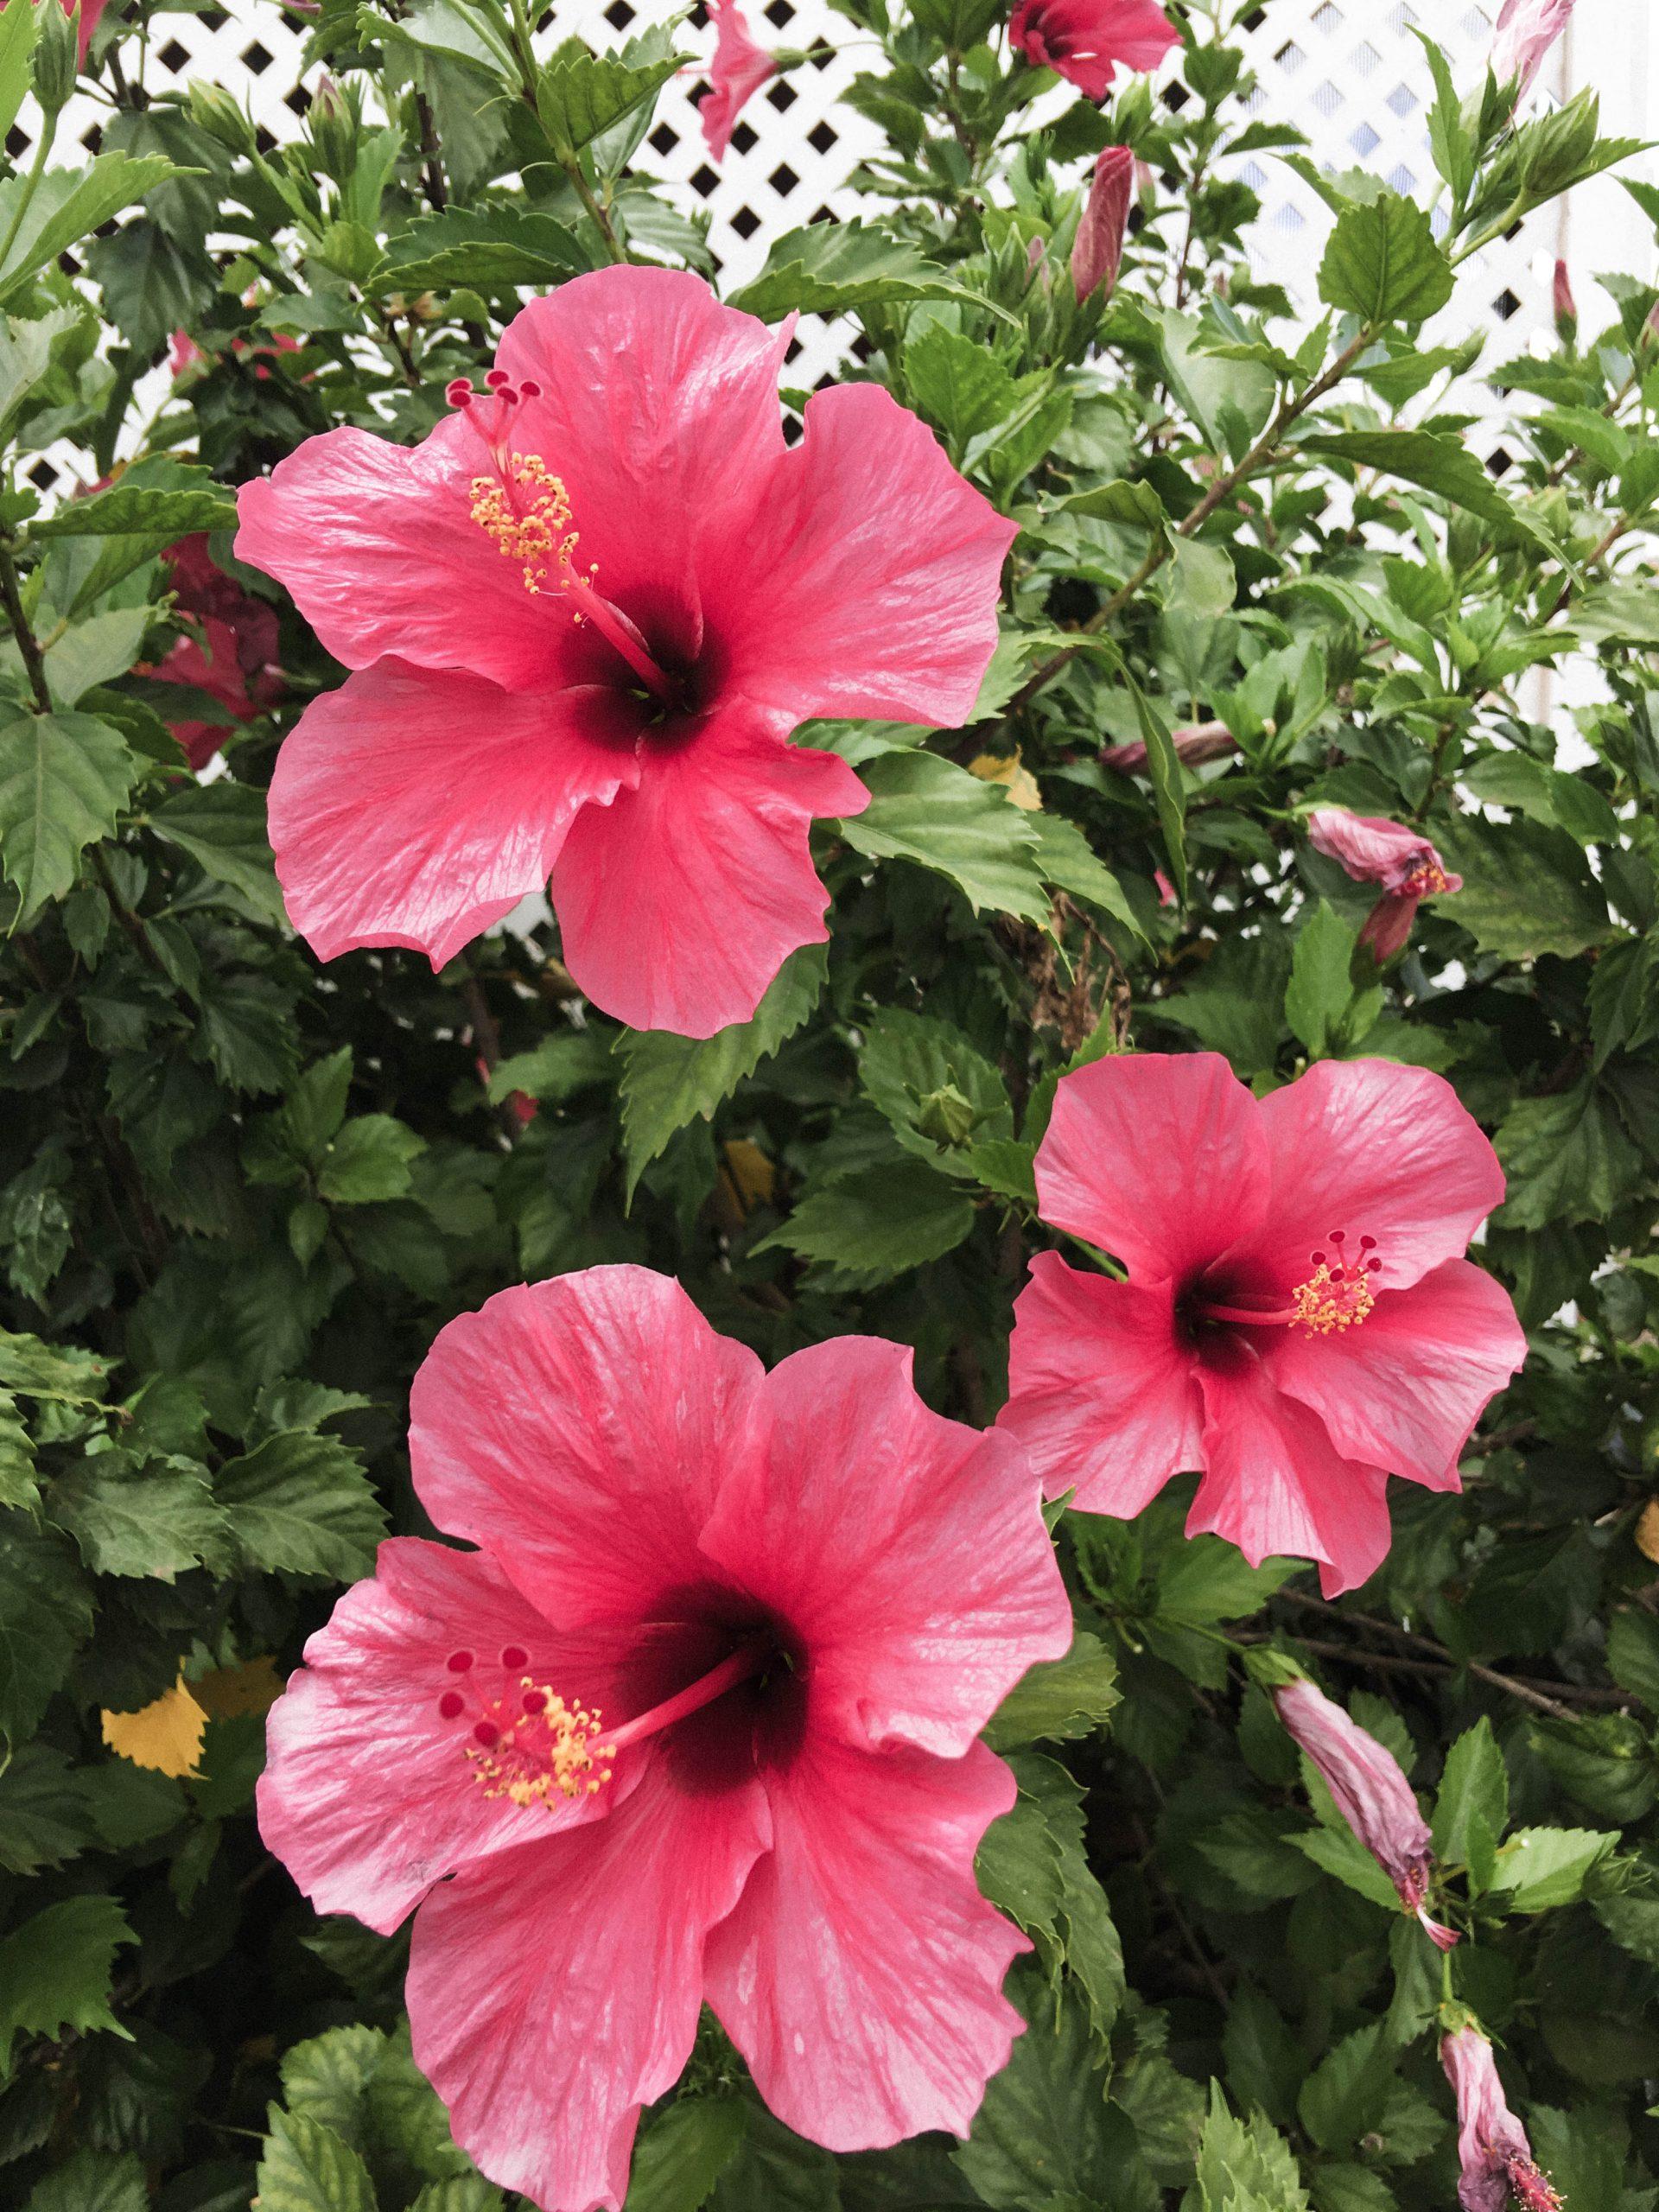 Pink Hawaiian flowers, Kauai, Hawaii